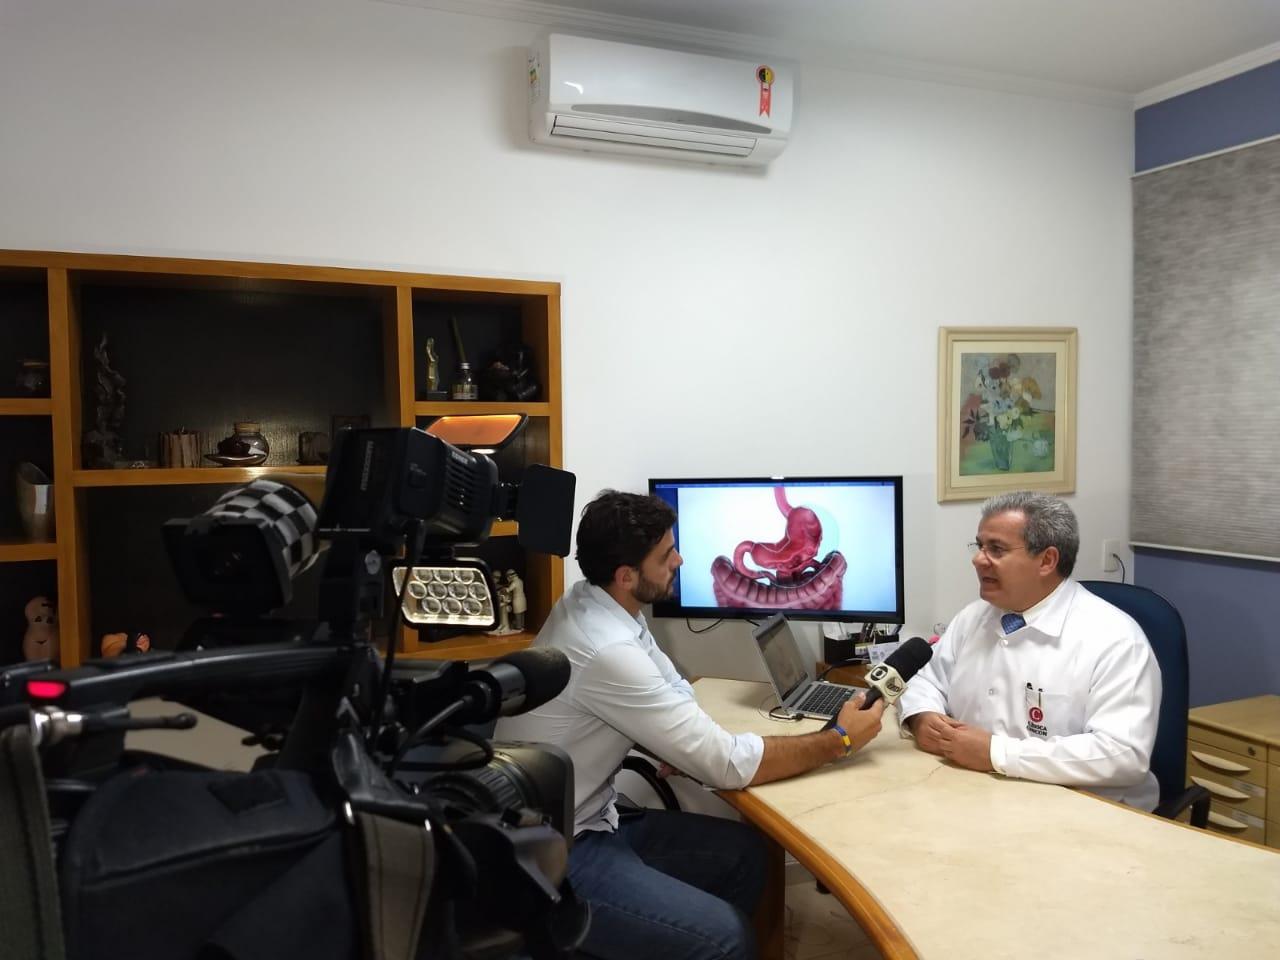 Mais de 1 milhão têm indicação para fazer cirurgia bariátrica no Estado de São Paulo